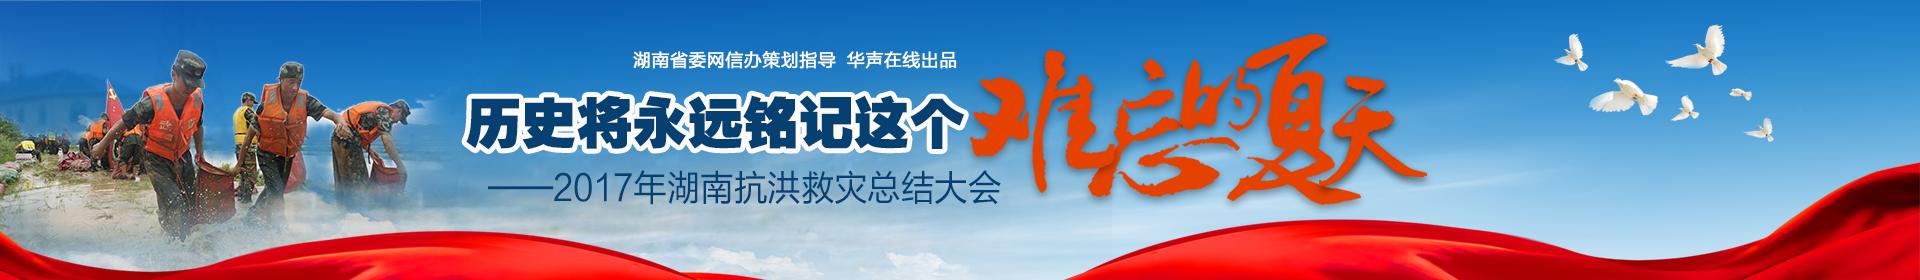 2017年湖南抗洪救灾总结大会